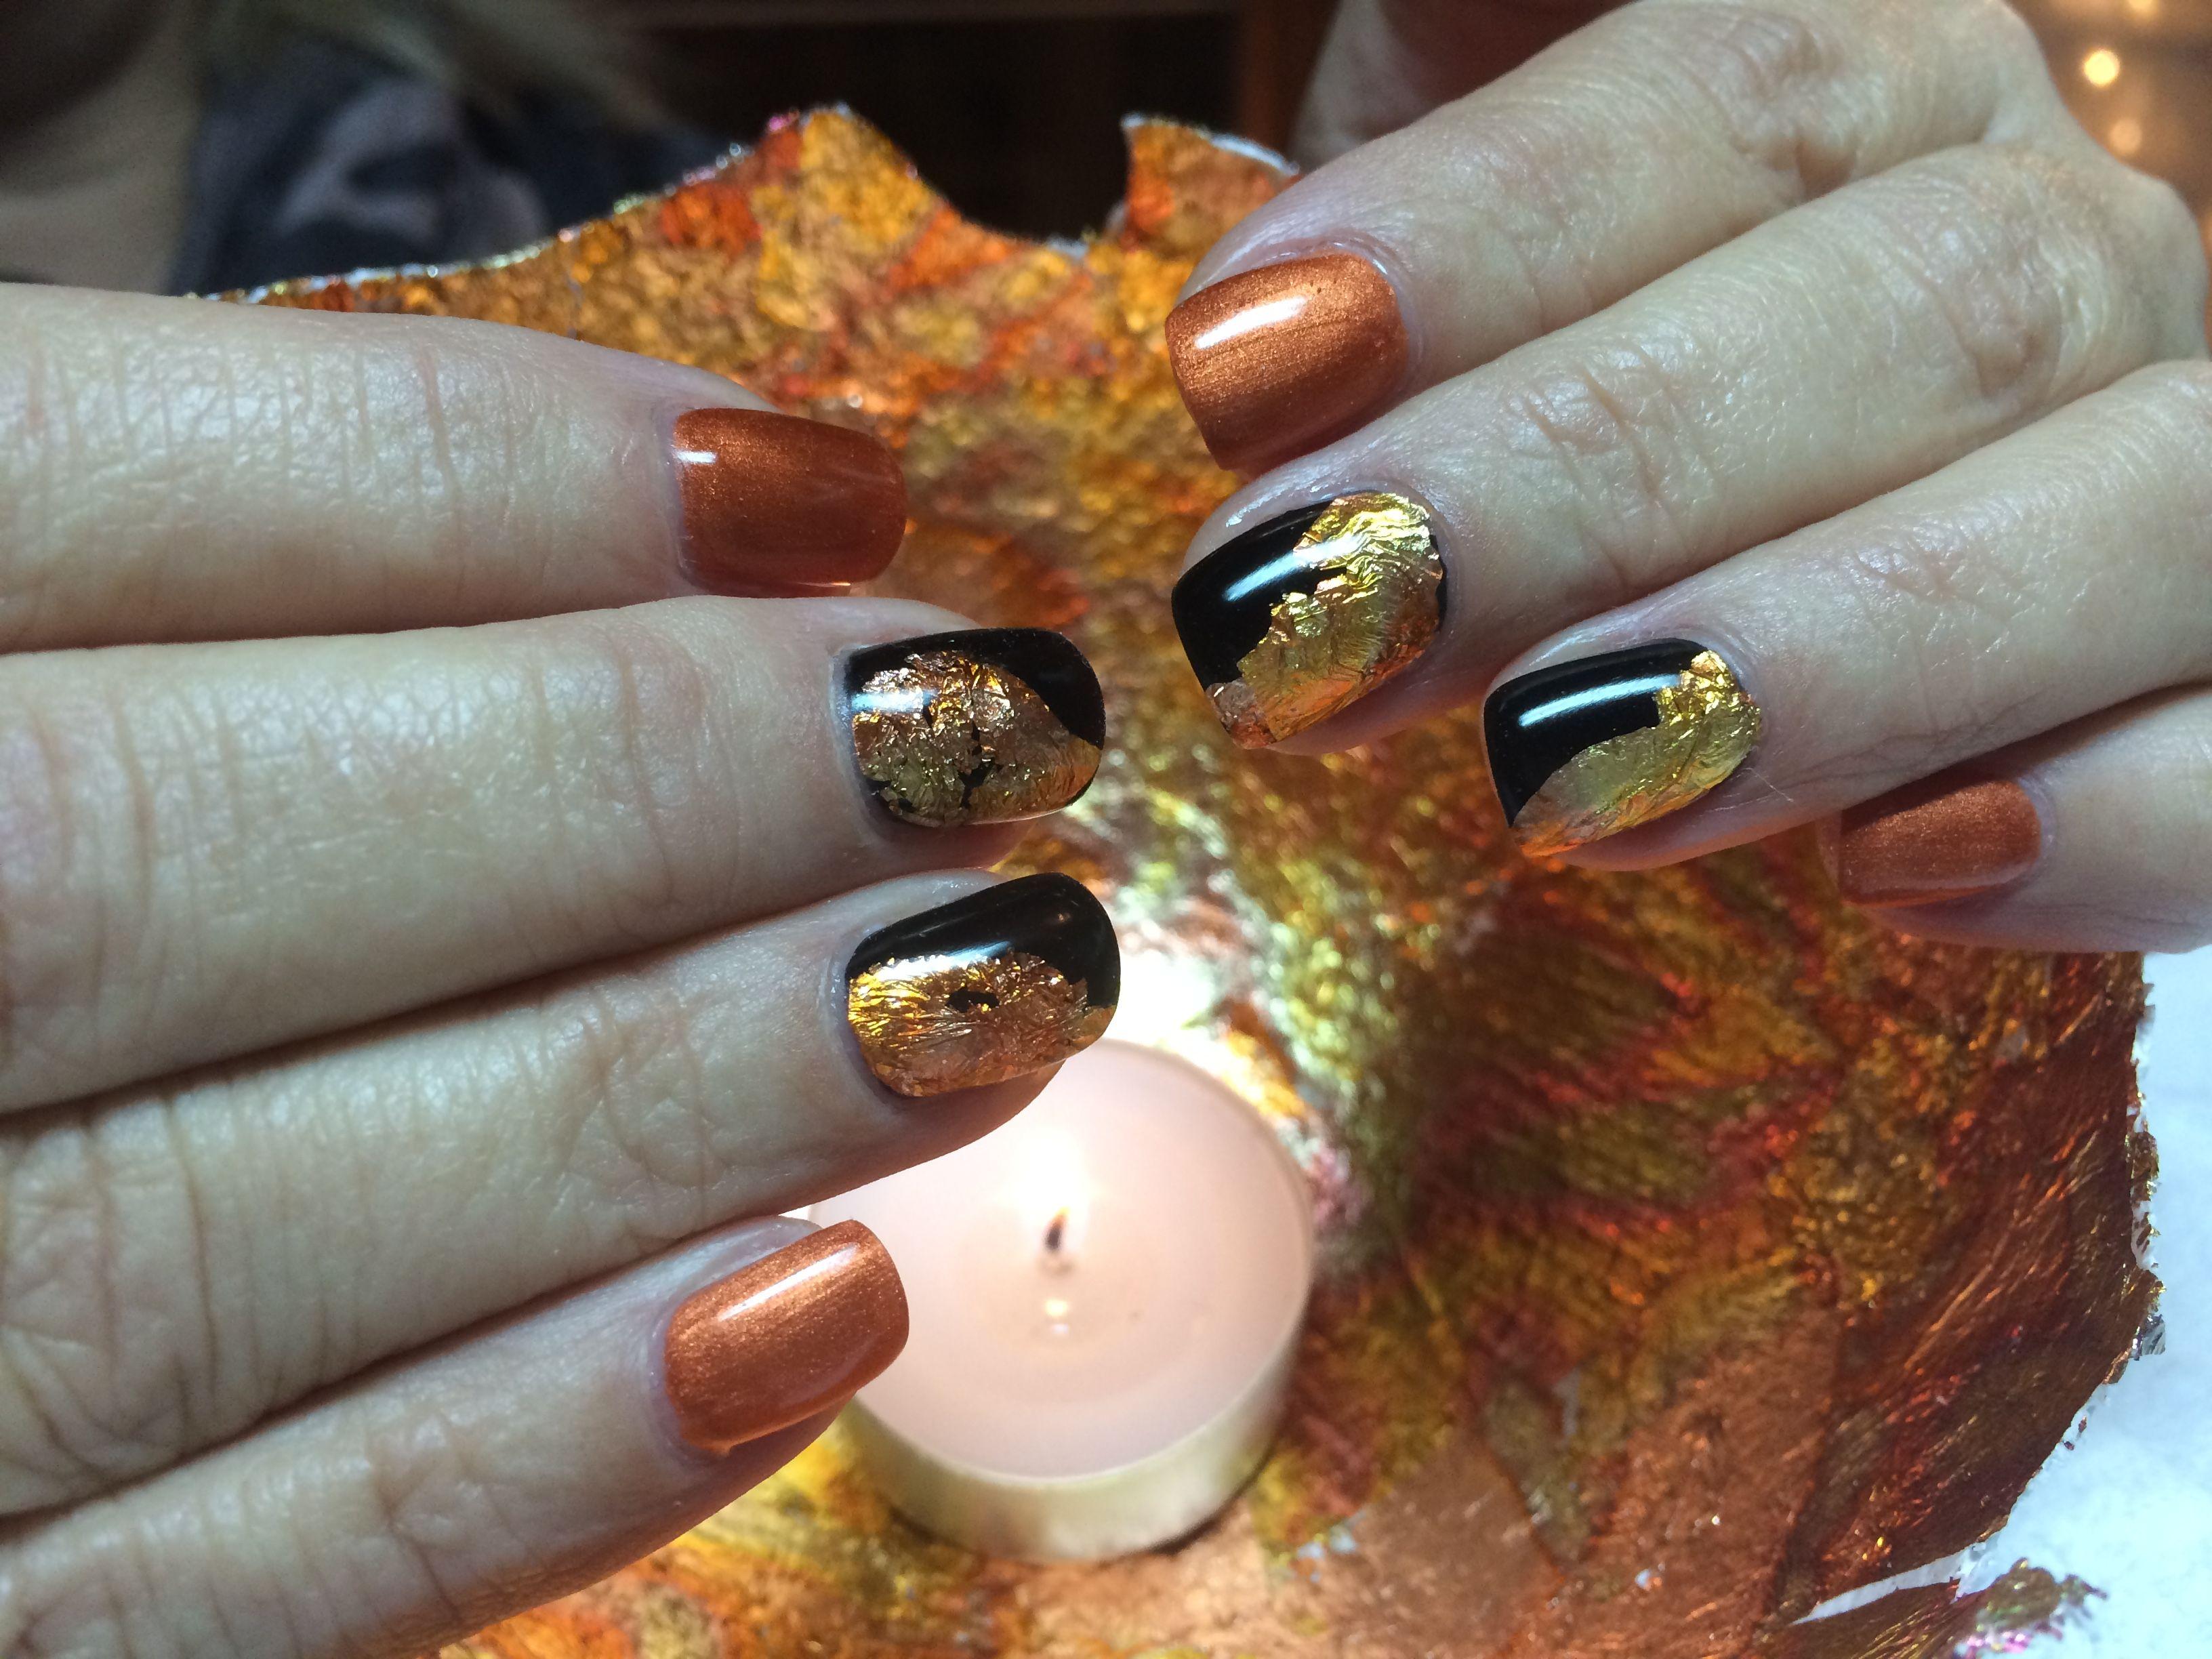 Nagelverstärkung mit Goldfolie   NagelKunst   Pinterest   Nagelkunst